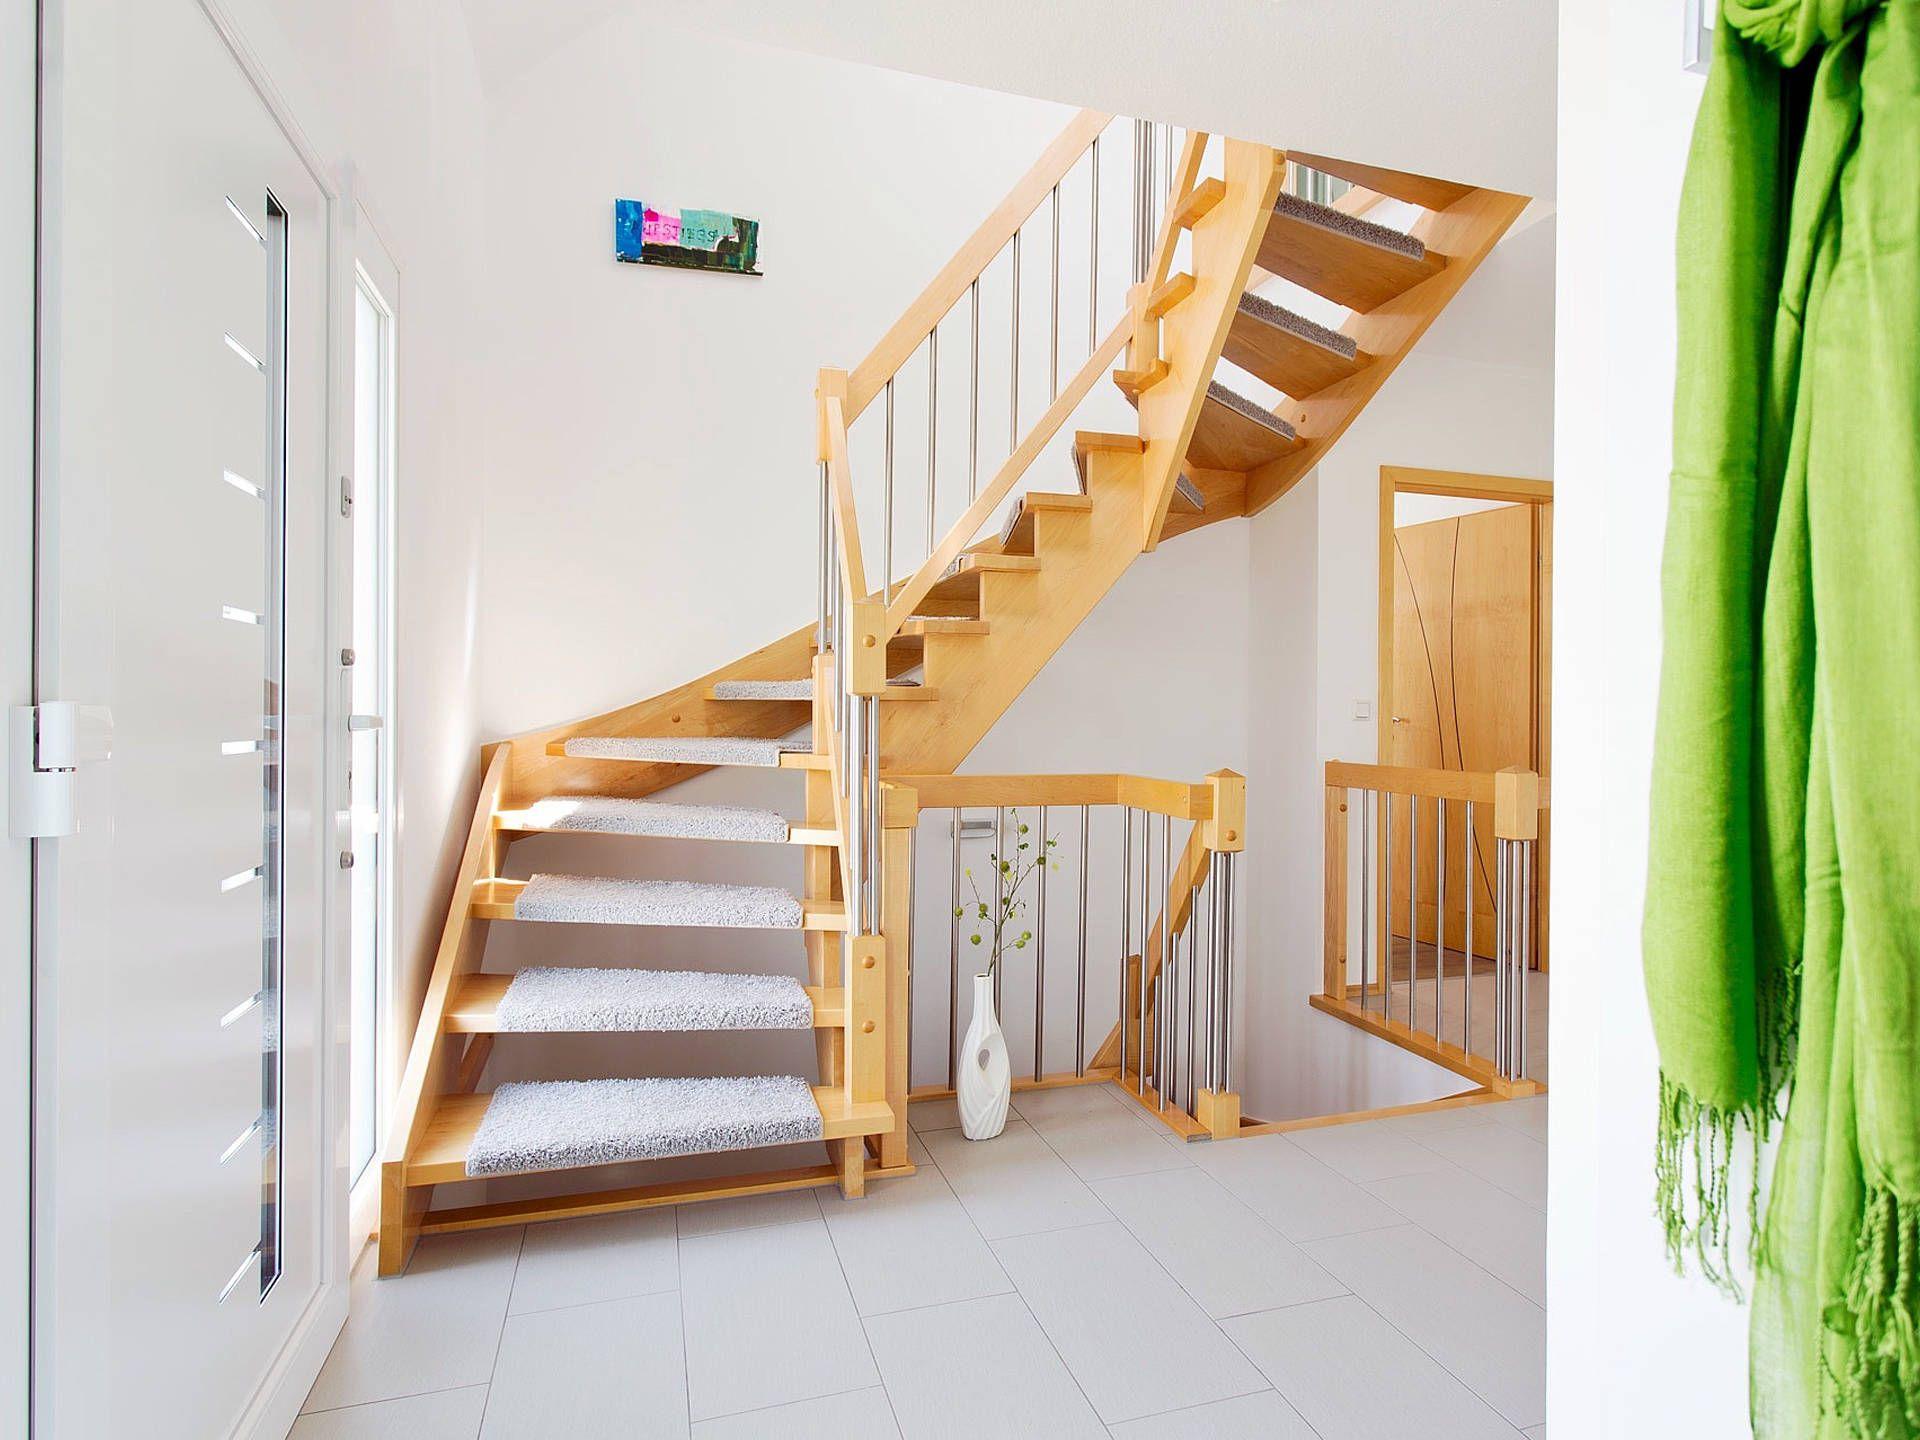 treppe im einfamilienhaus r von fingerhut haus mit. Black Bedroom Furniture Sets. Home Design Ideas